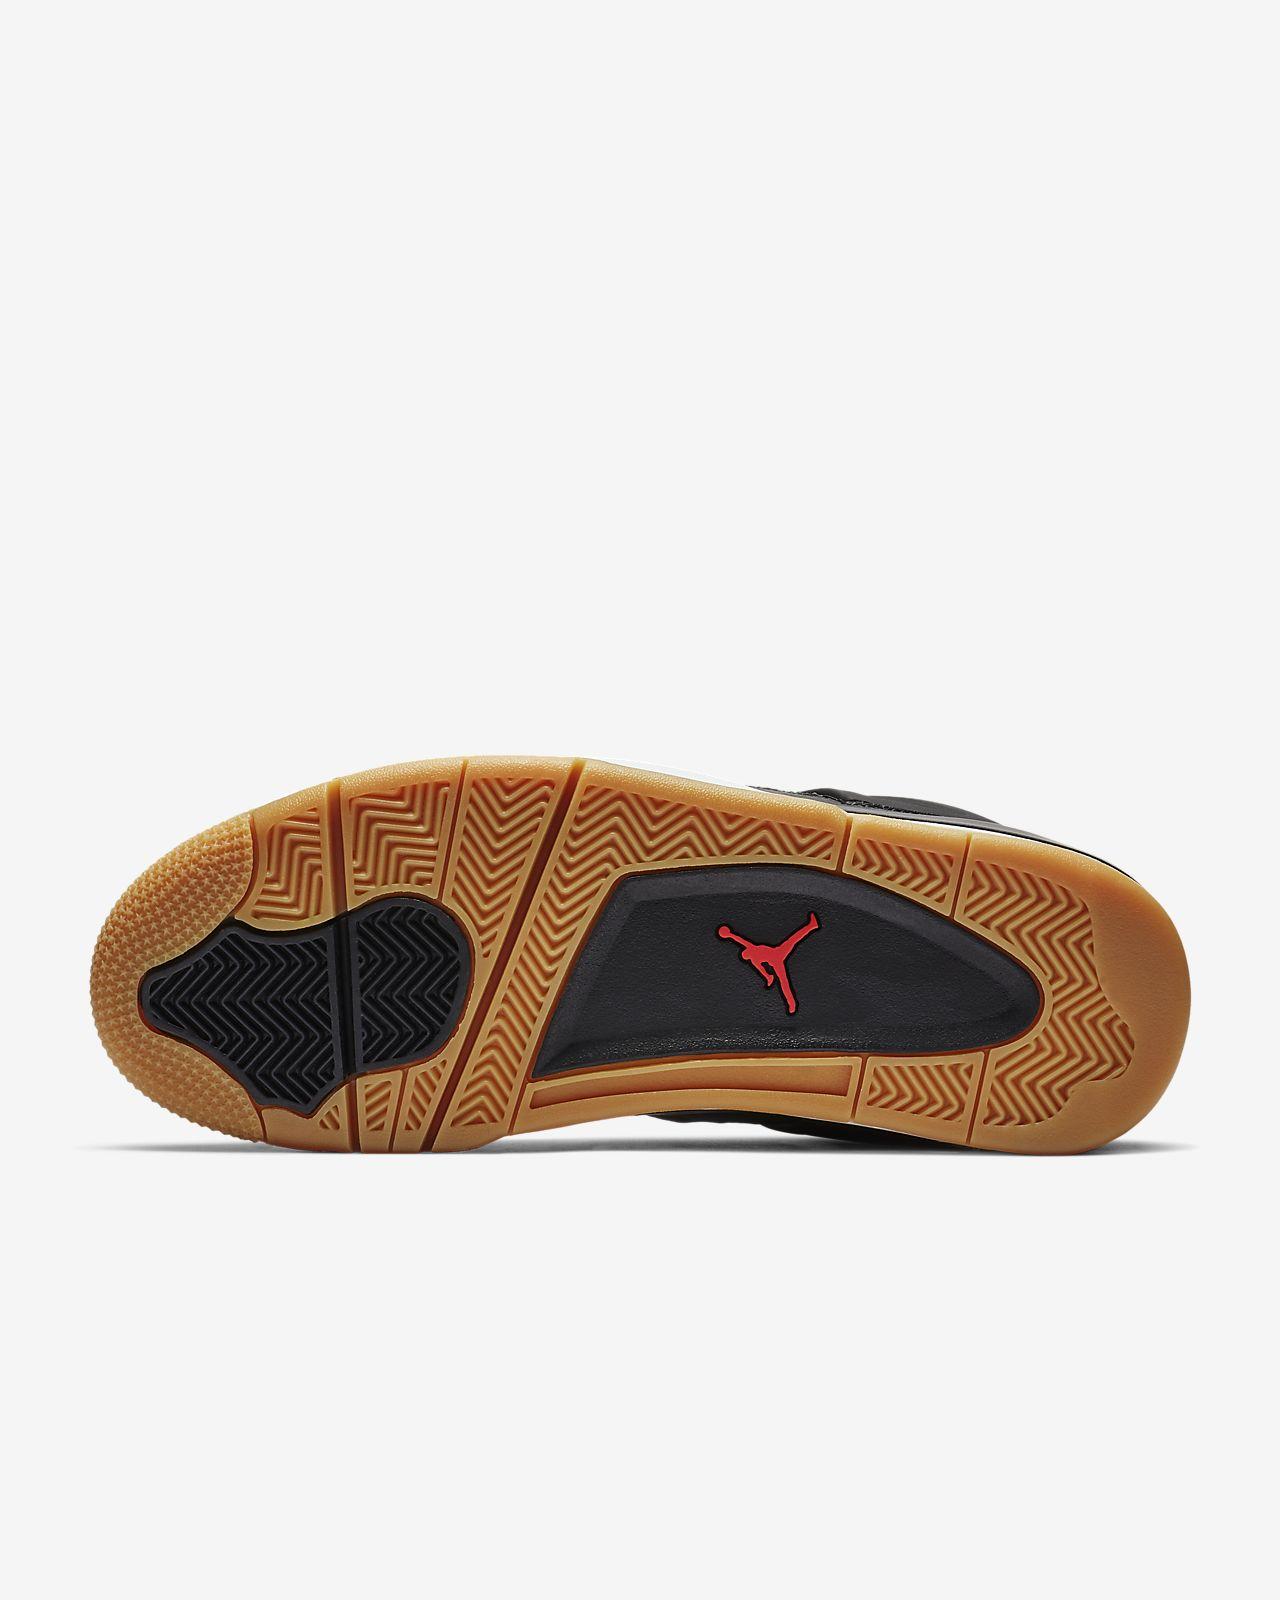 outlet store 2a61b cf724 ... Air Jordan 4 Retro SE Men s Shoe